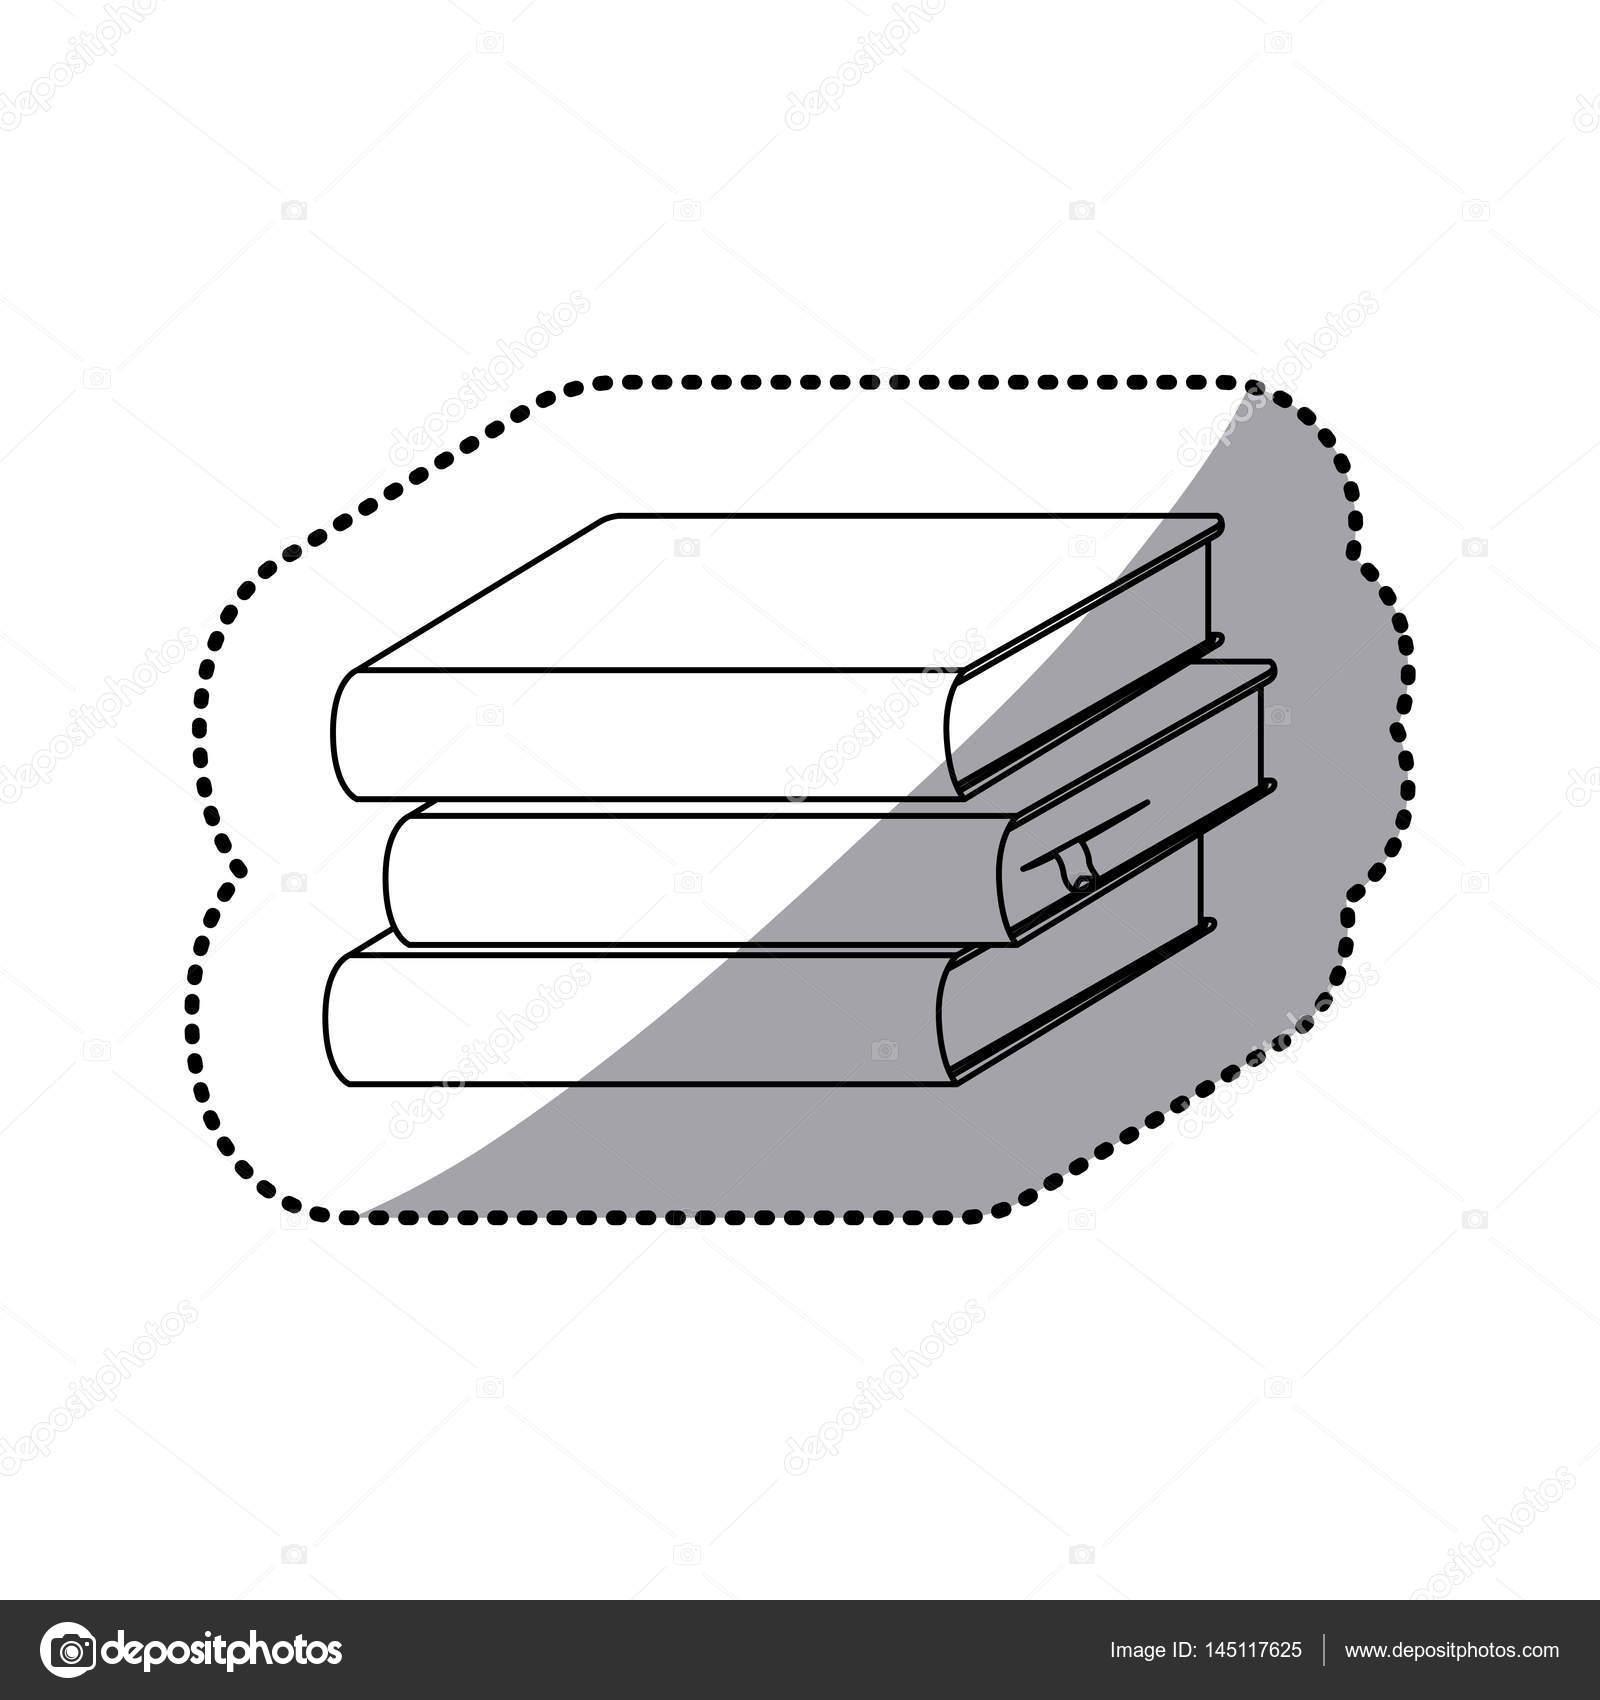 samolepka siluety nastavit ikonu zásobník knihy školy — Stock Vektor ... 4b8a3155f5